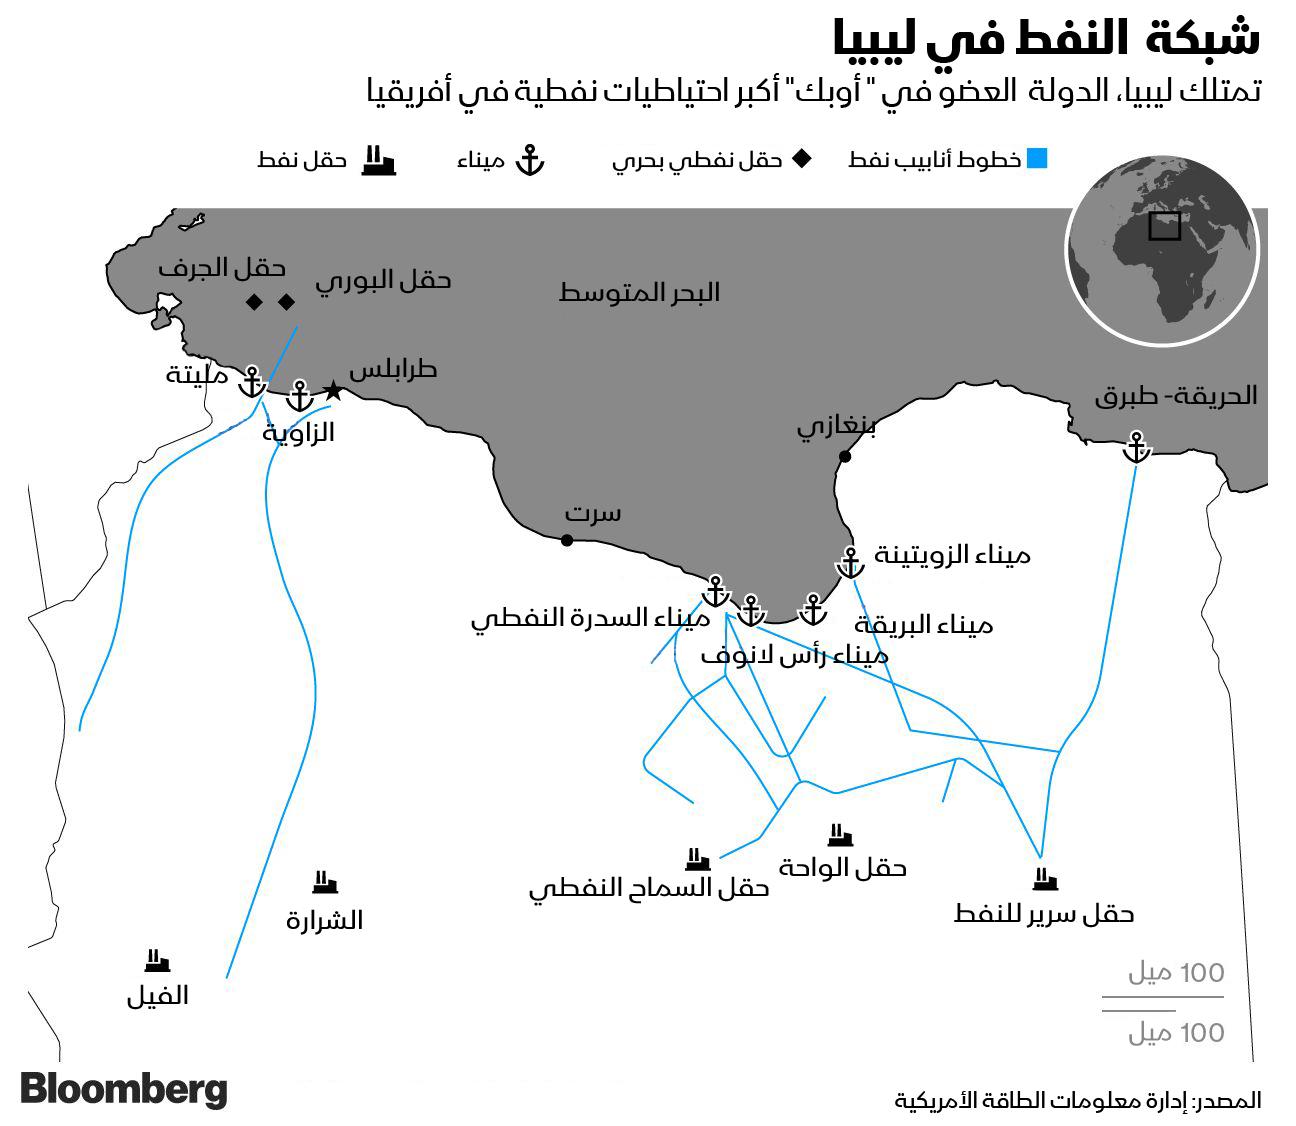 شبكة النفط في ليبيا